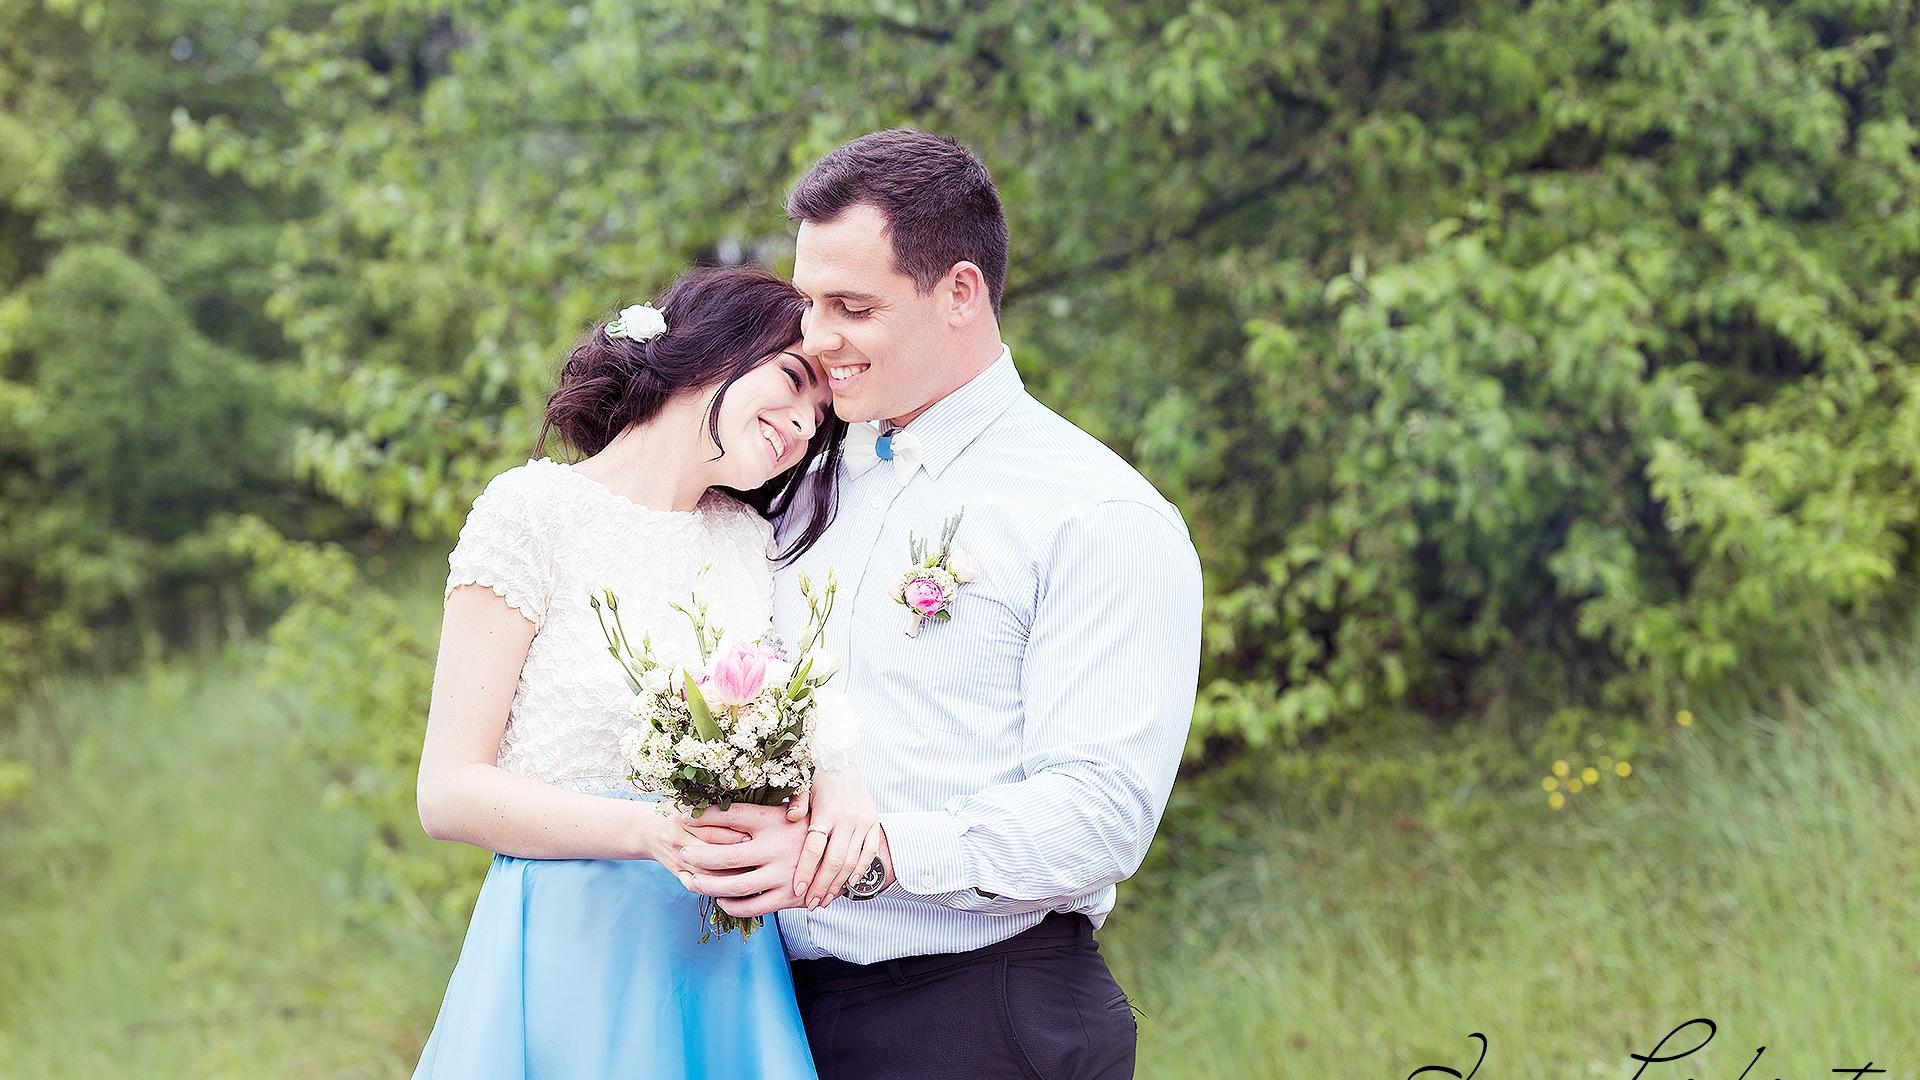 Лав-стори, фотосессии влюбленных. Свадебный фотограф, свадебные фотографии. Портретный фотограф в Варшаве. Фотосъемка крестин, фото со свадьбы, венчания, регистрации брака, свадебная фотосессия, фотограф на крещение, изготовление свадебных фотокниг.